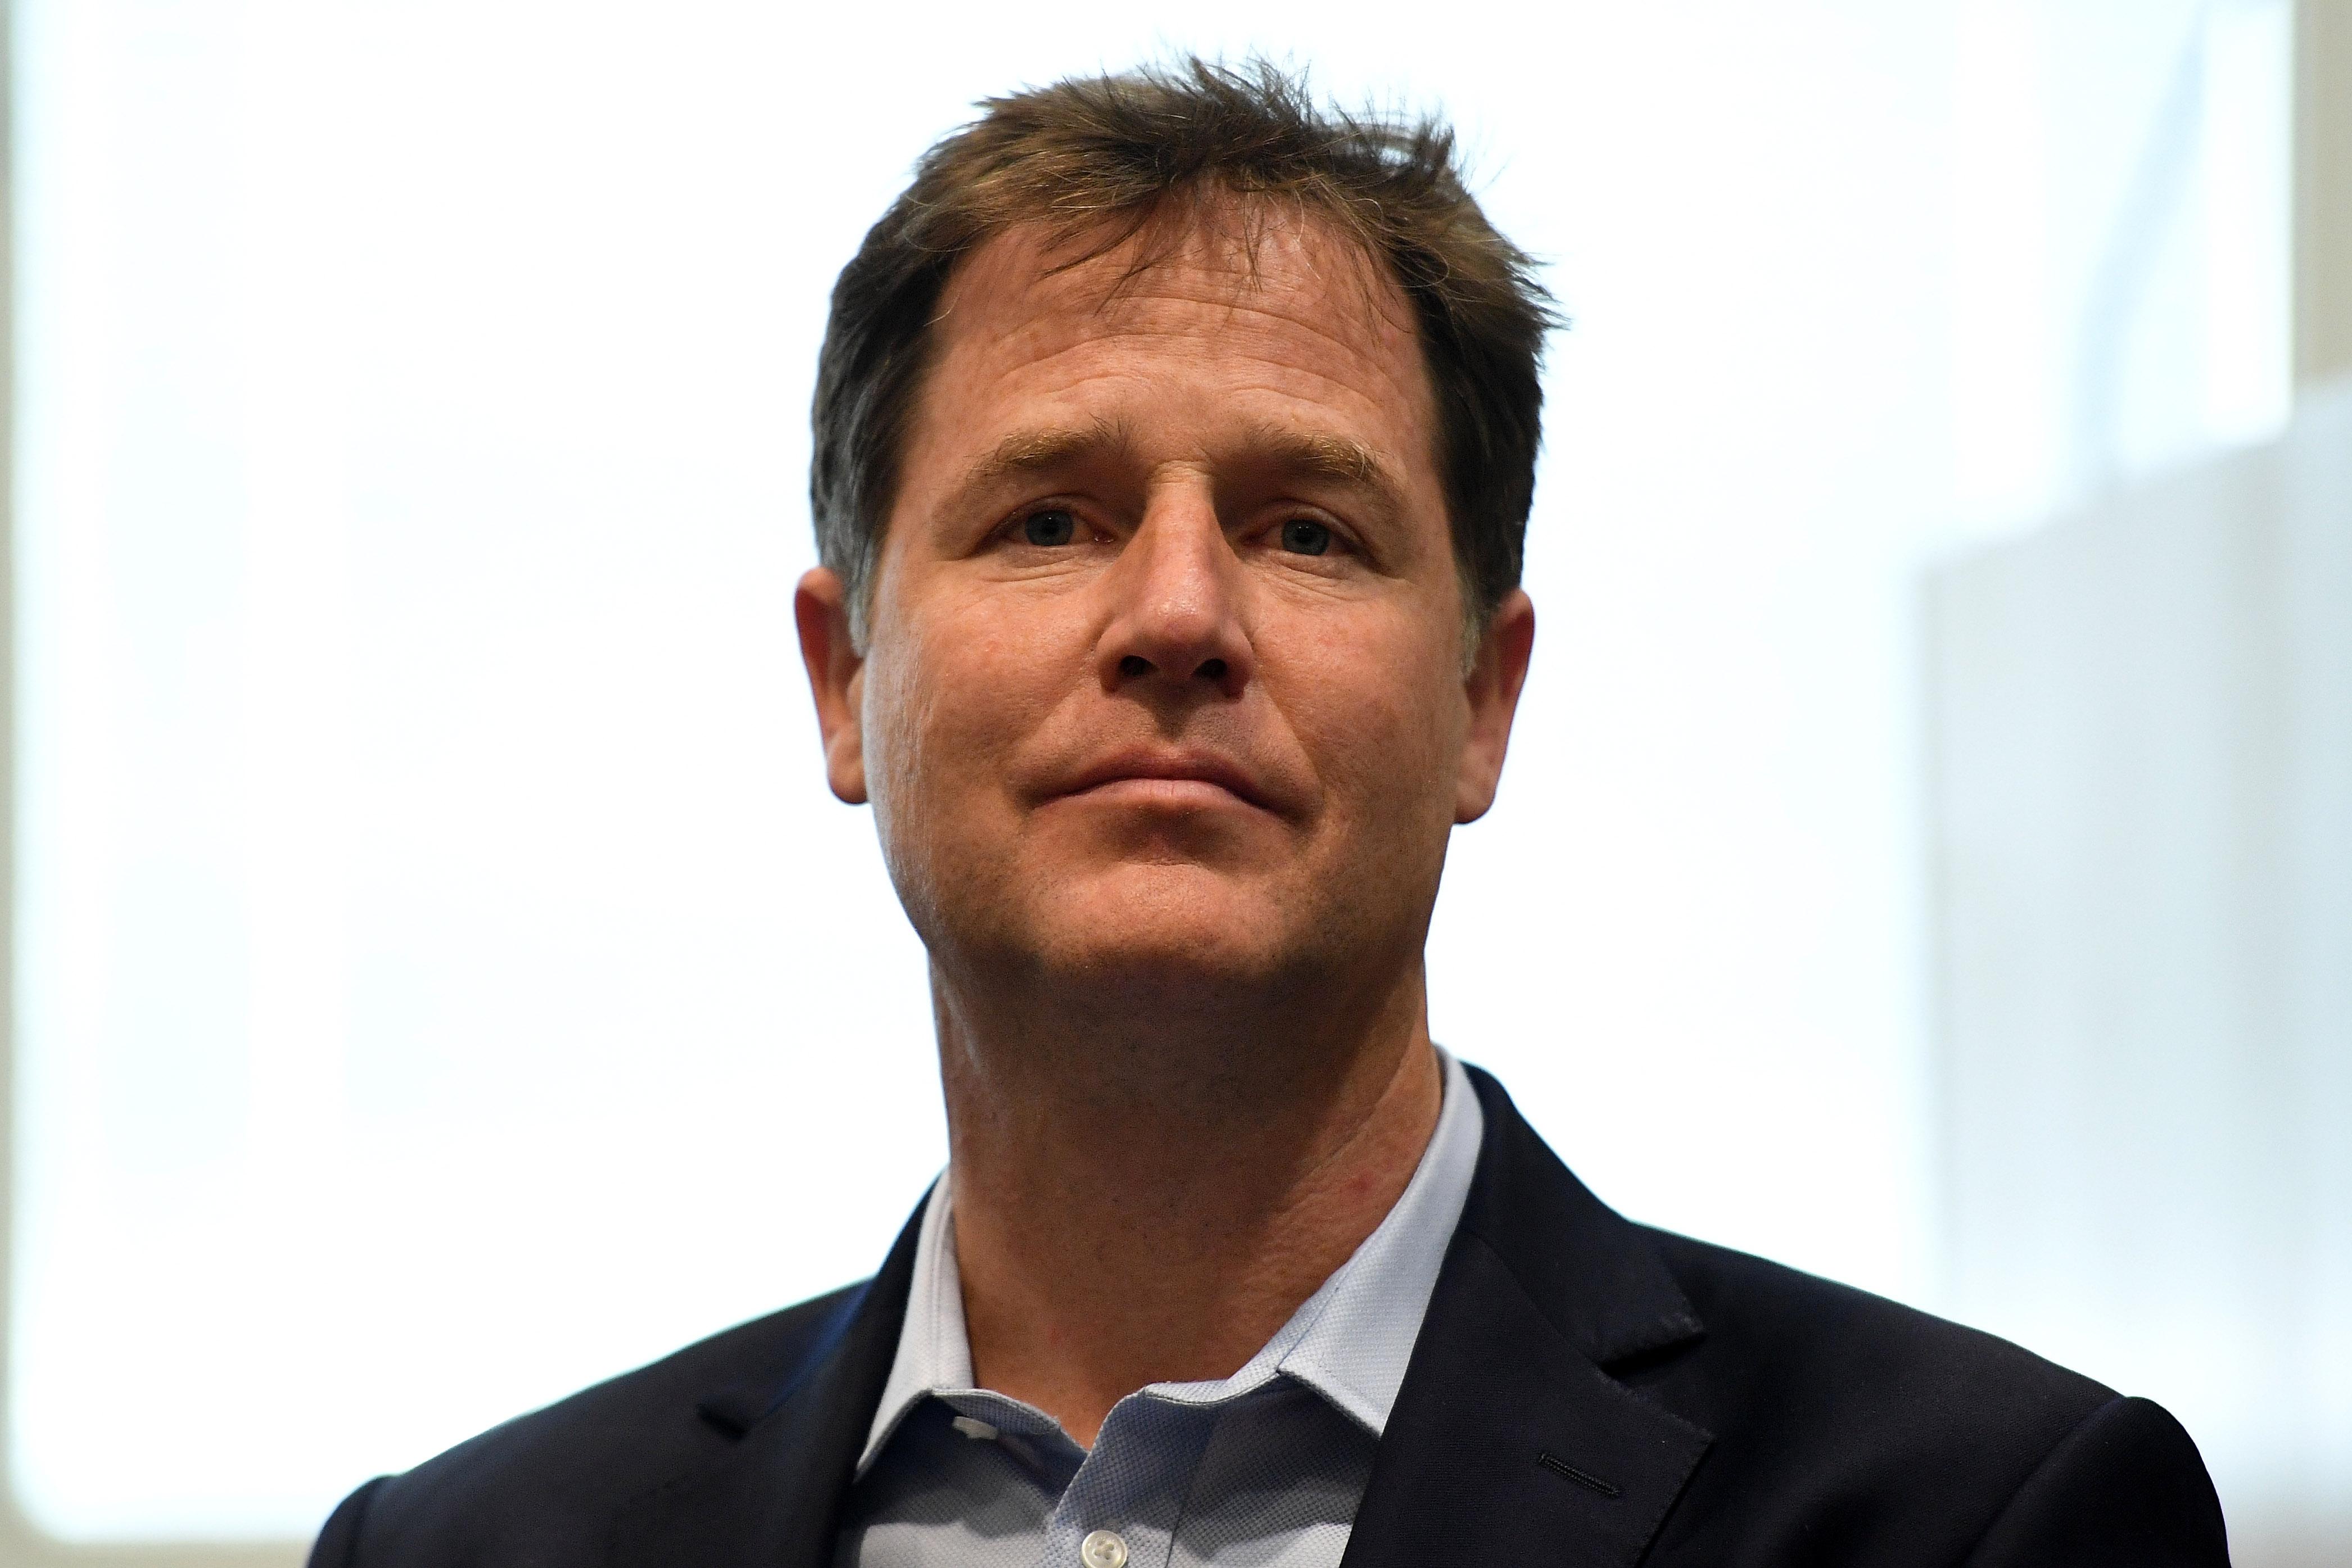 former U.K. Deputy Prime Minister Nick Clegg